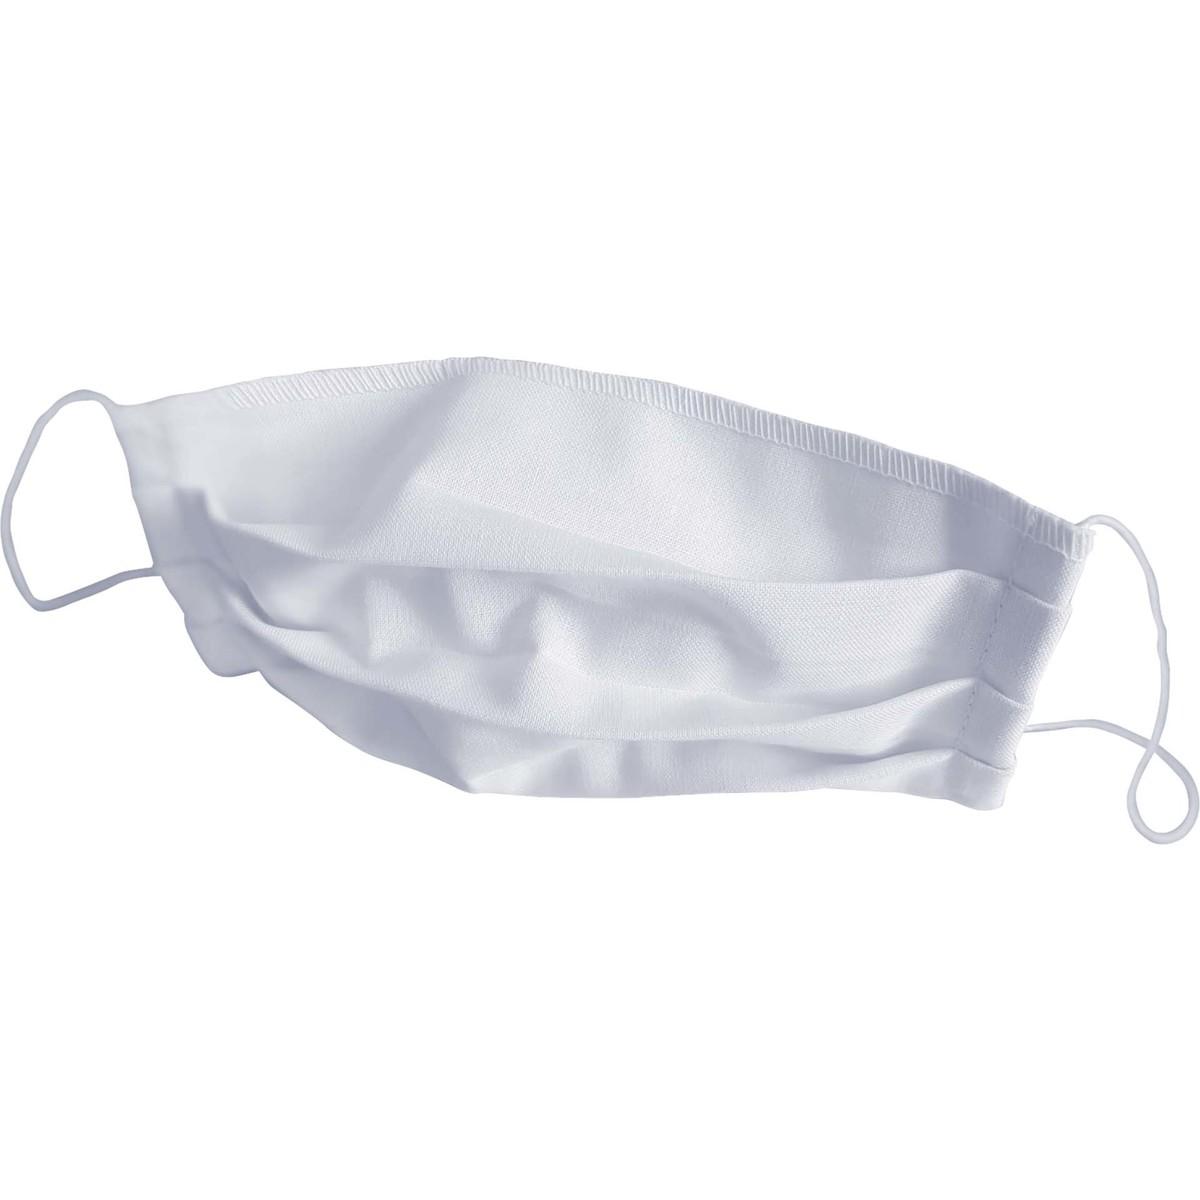 Mund- und Nasenmaske mit Gummizug